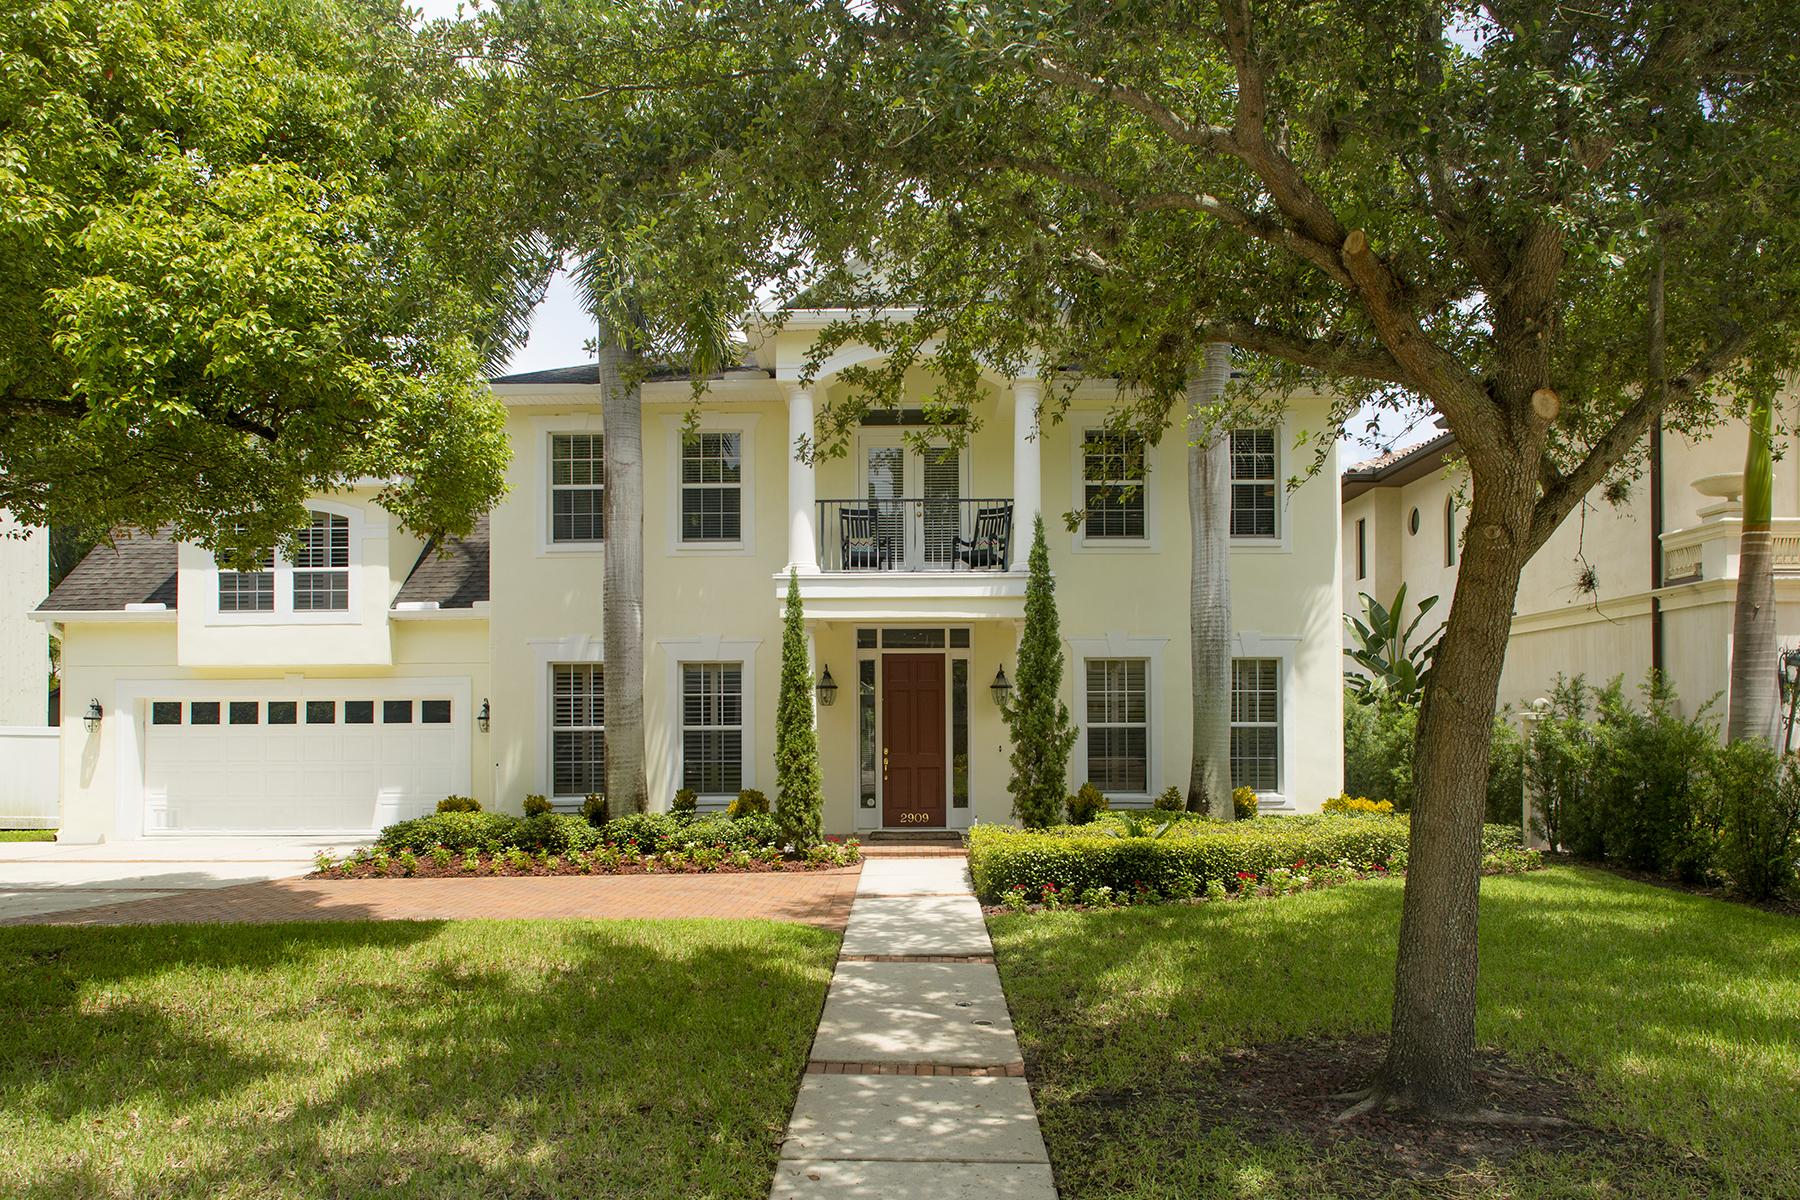 Maison unifamiliale pour l Vente à SOUTH TAMPA 2909 W Bay Vista Ave Tampa, Florida 33611 États-Unis